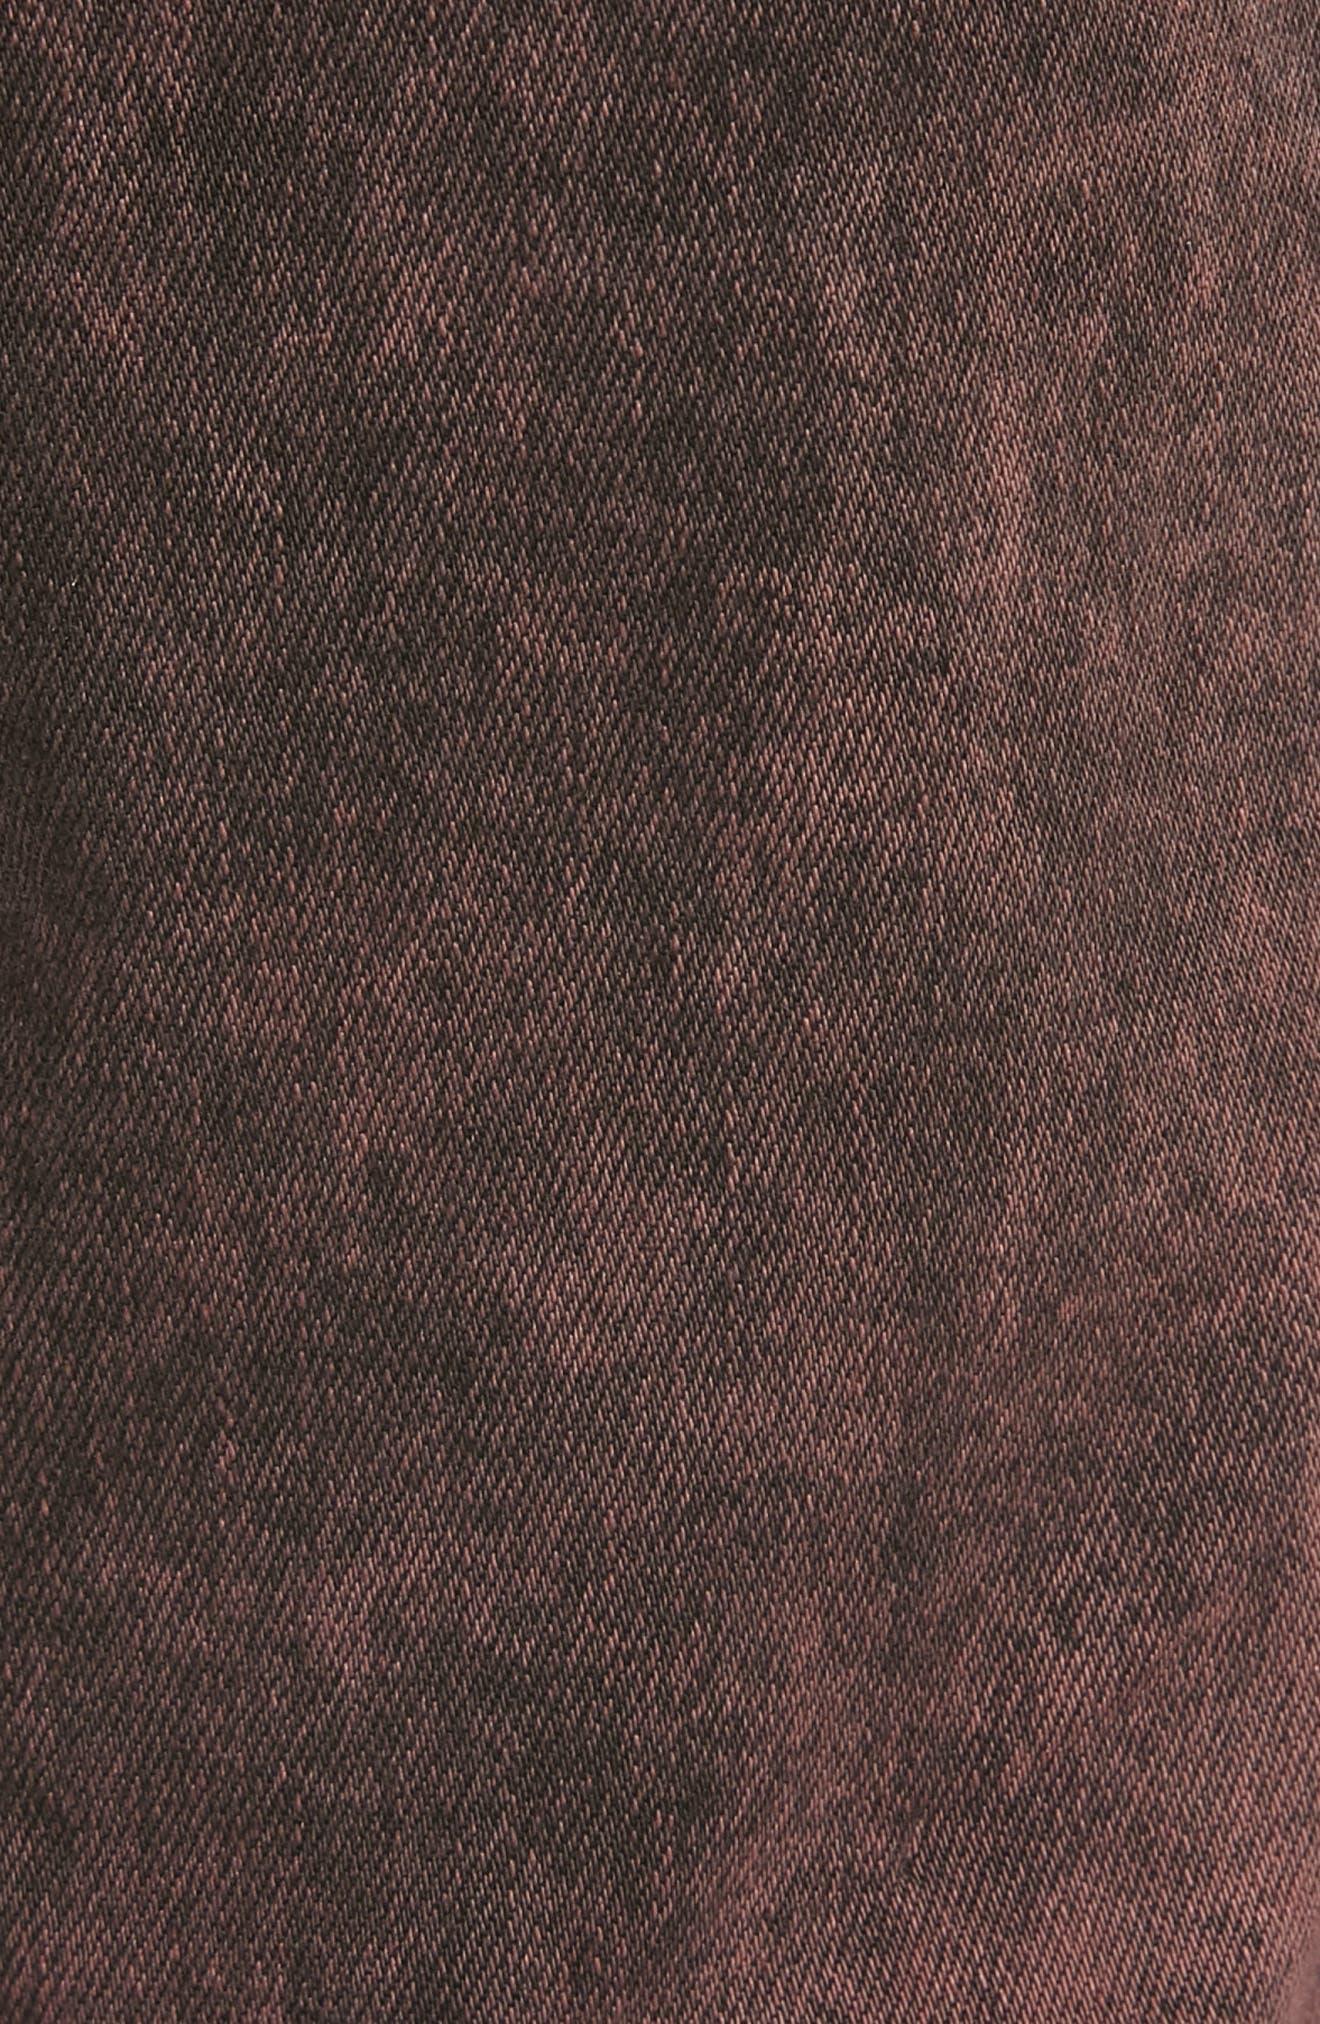 HUDSON JEANS, Blinder Biker Skinny Fit Jeans, Alternate thumbnail 5, color, FADED OX BLOOD